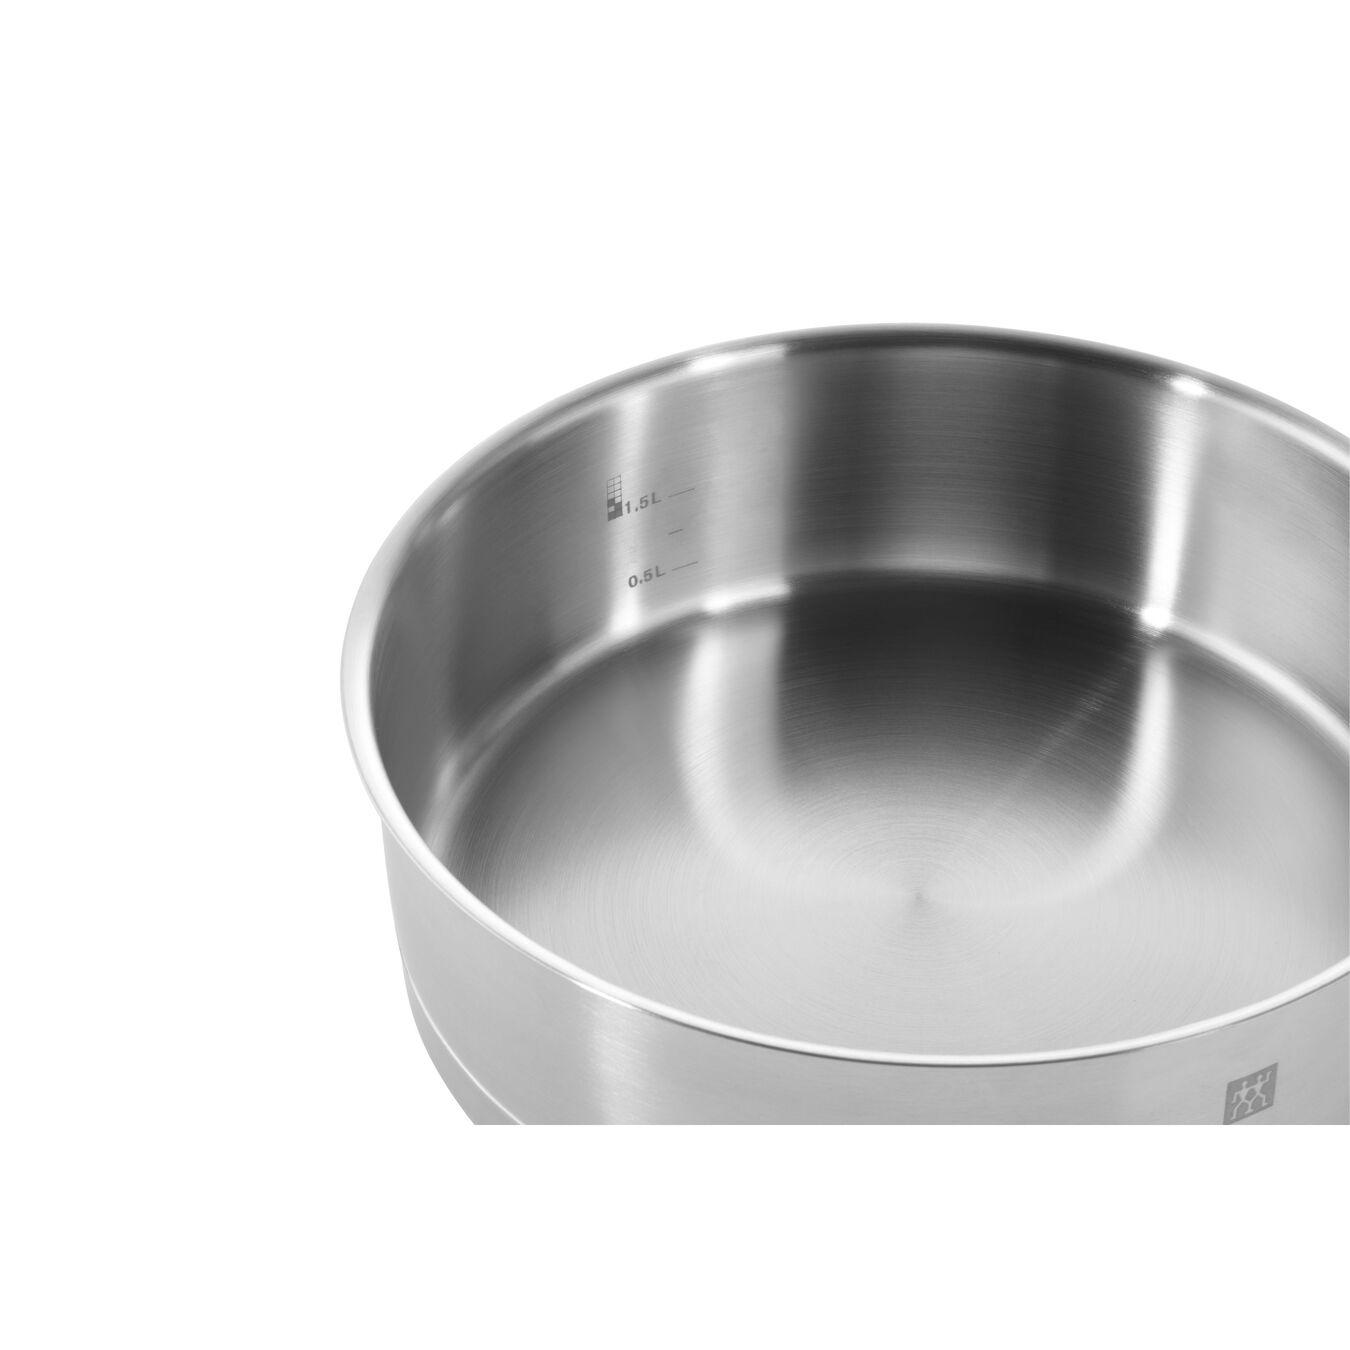 Paslamaz Çelik Uzun Saplı Tava , 24 cm | Yuvarlak | 18/10 Paslanmaz Çelik,,large 5